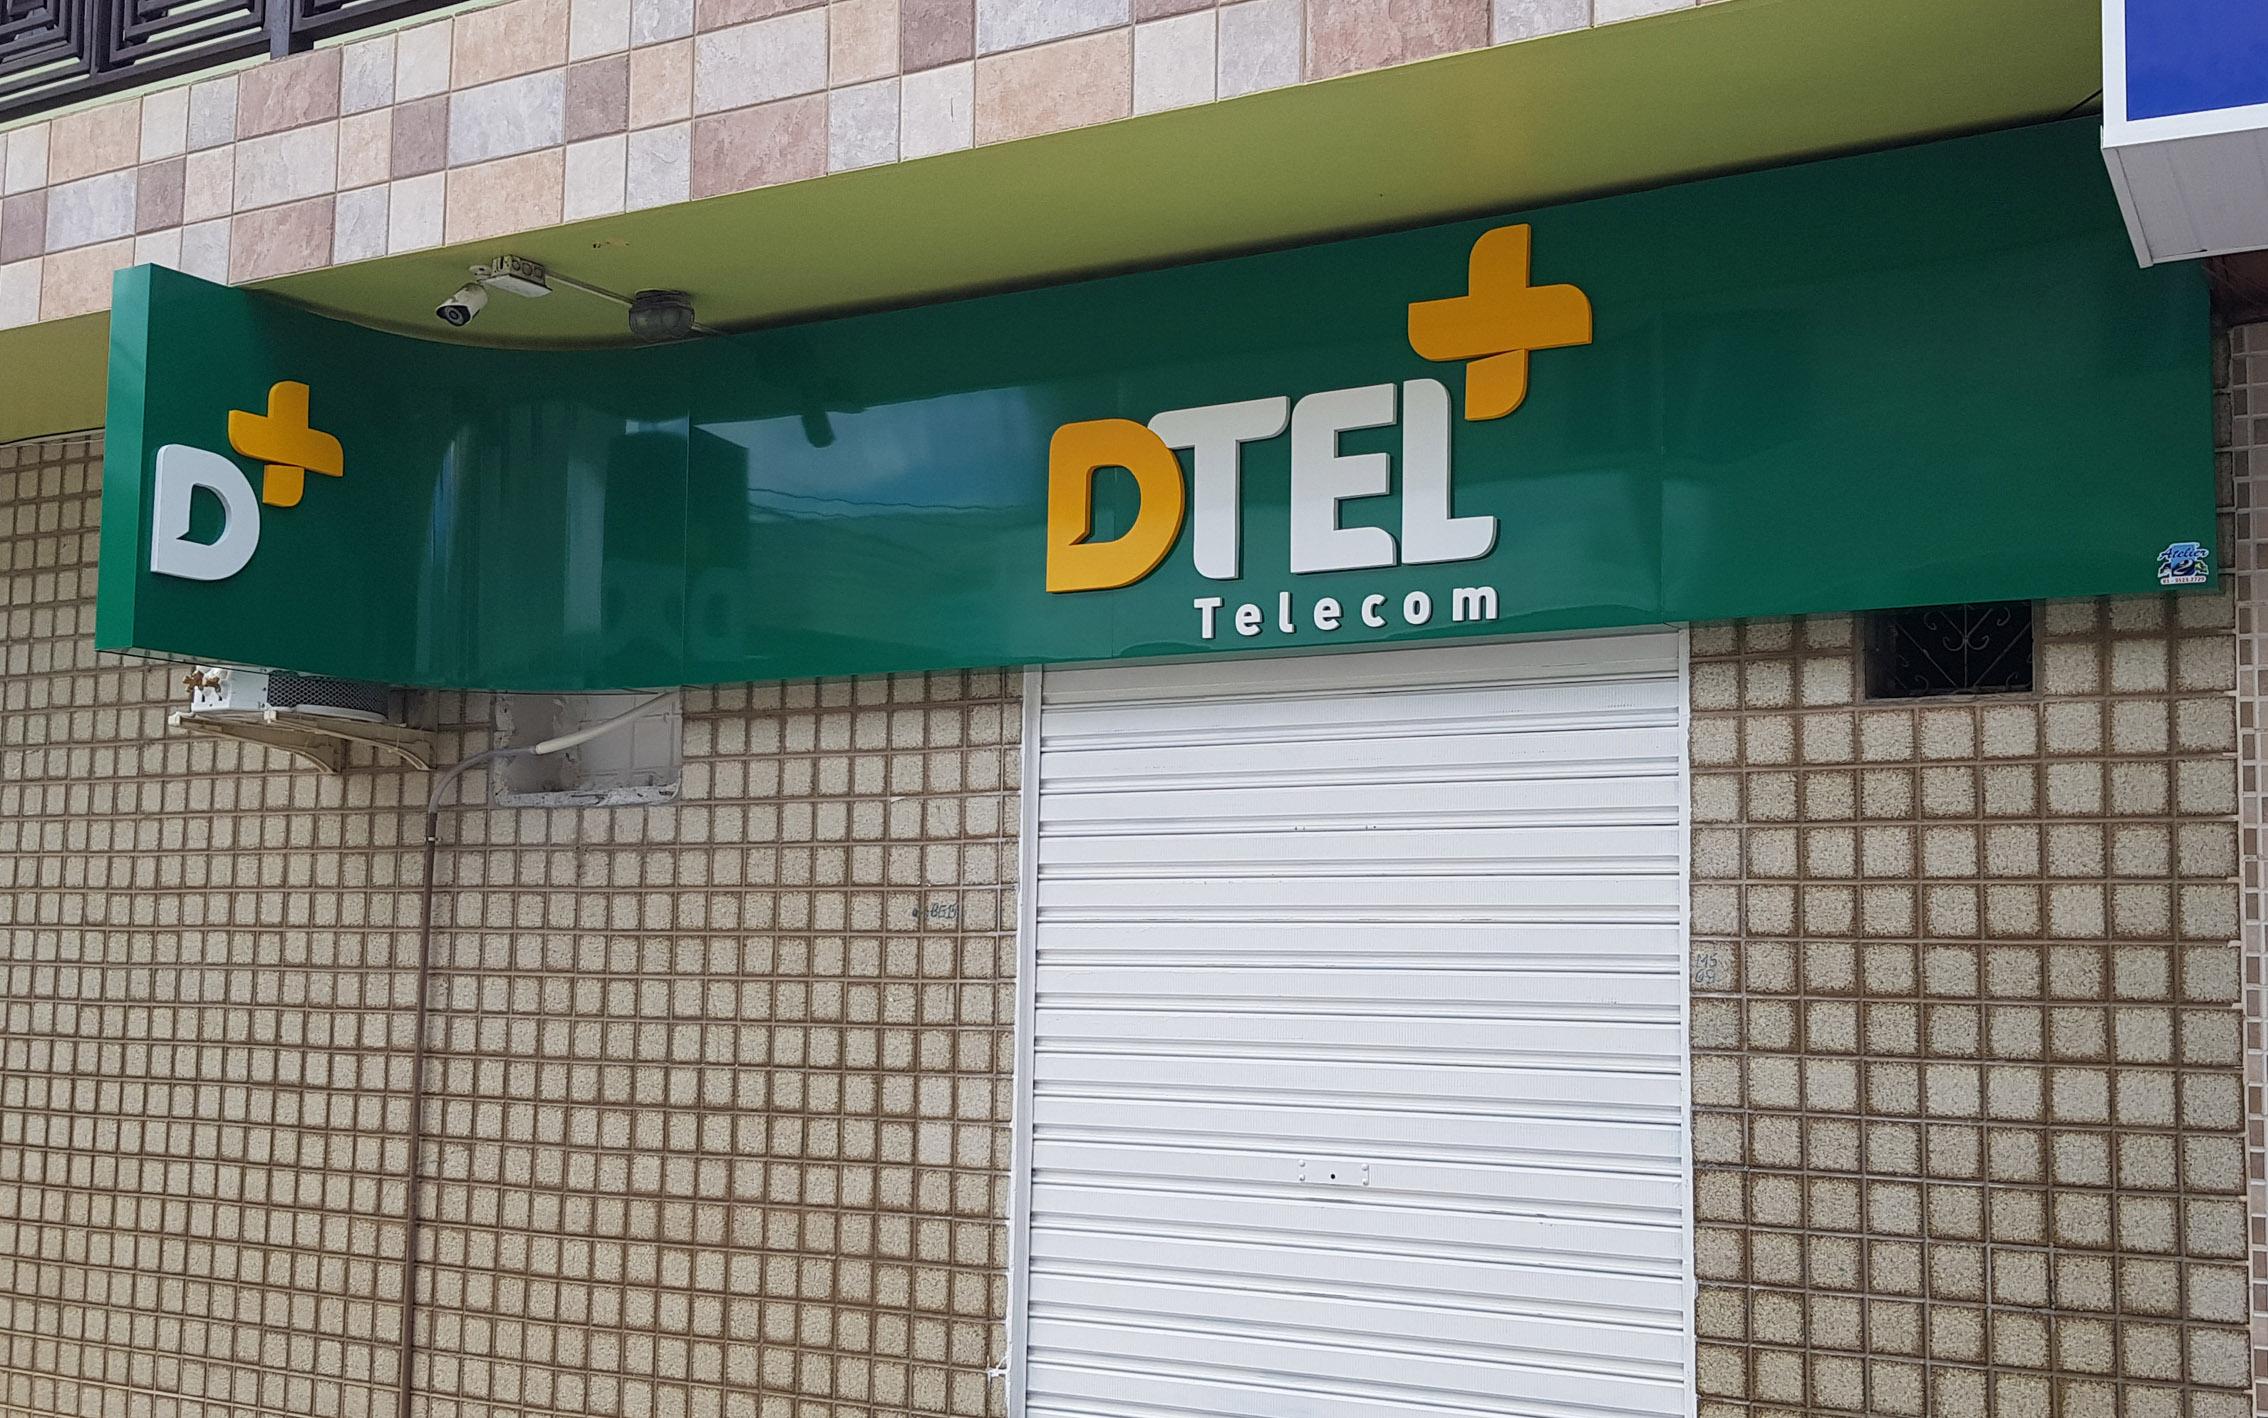 https://0201.nccdn.net/4_2/000/000/038/2d3/Atelier2-Dtel-Telecom-Barra4.jpg